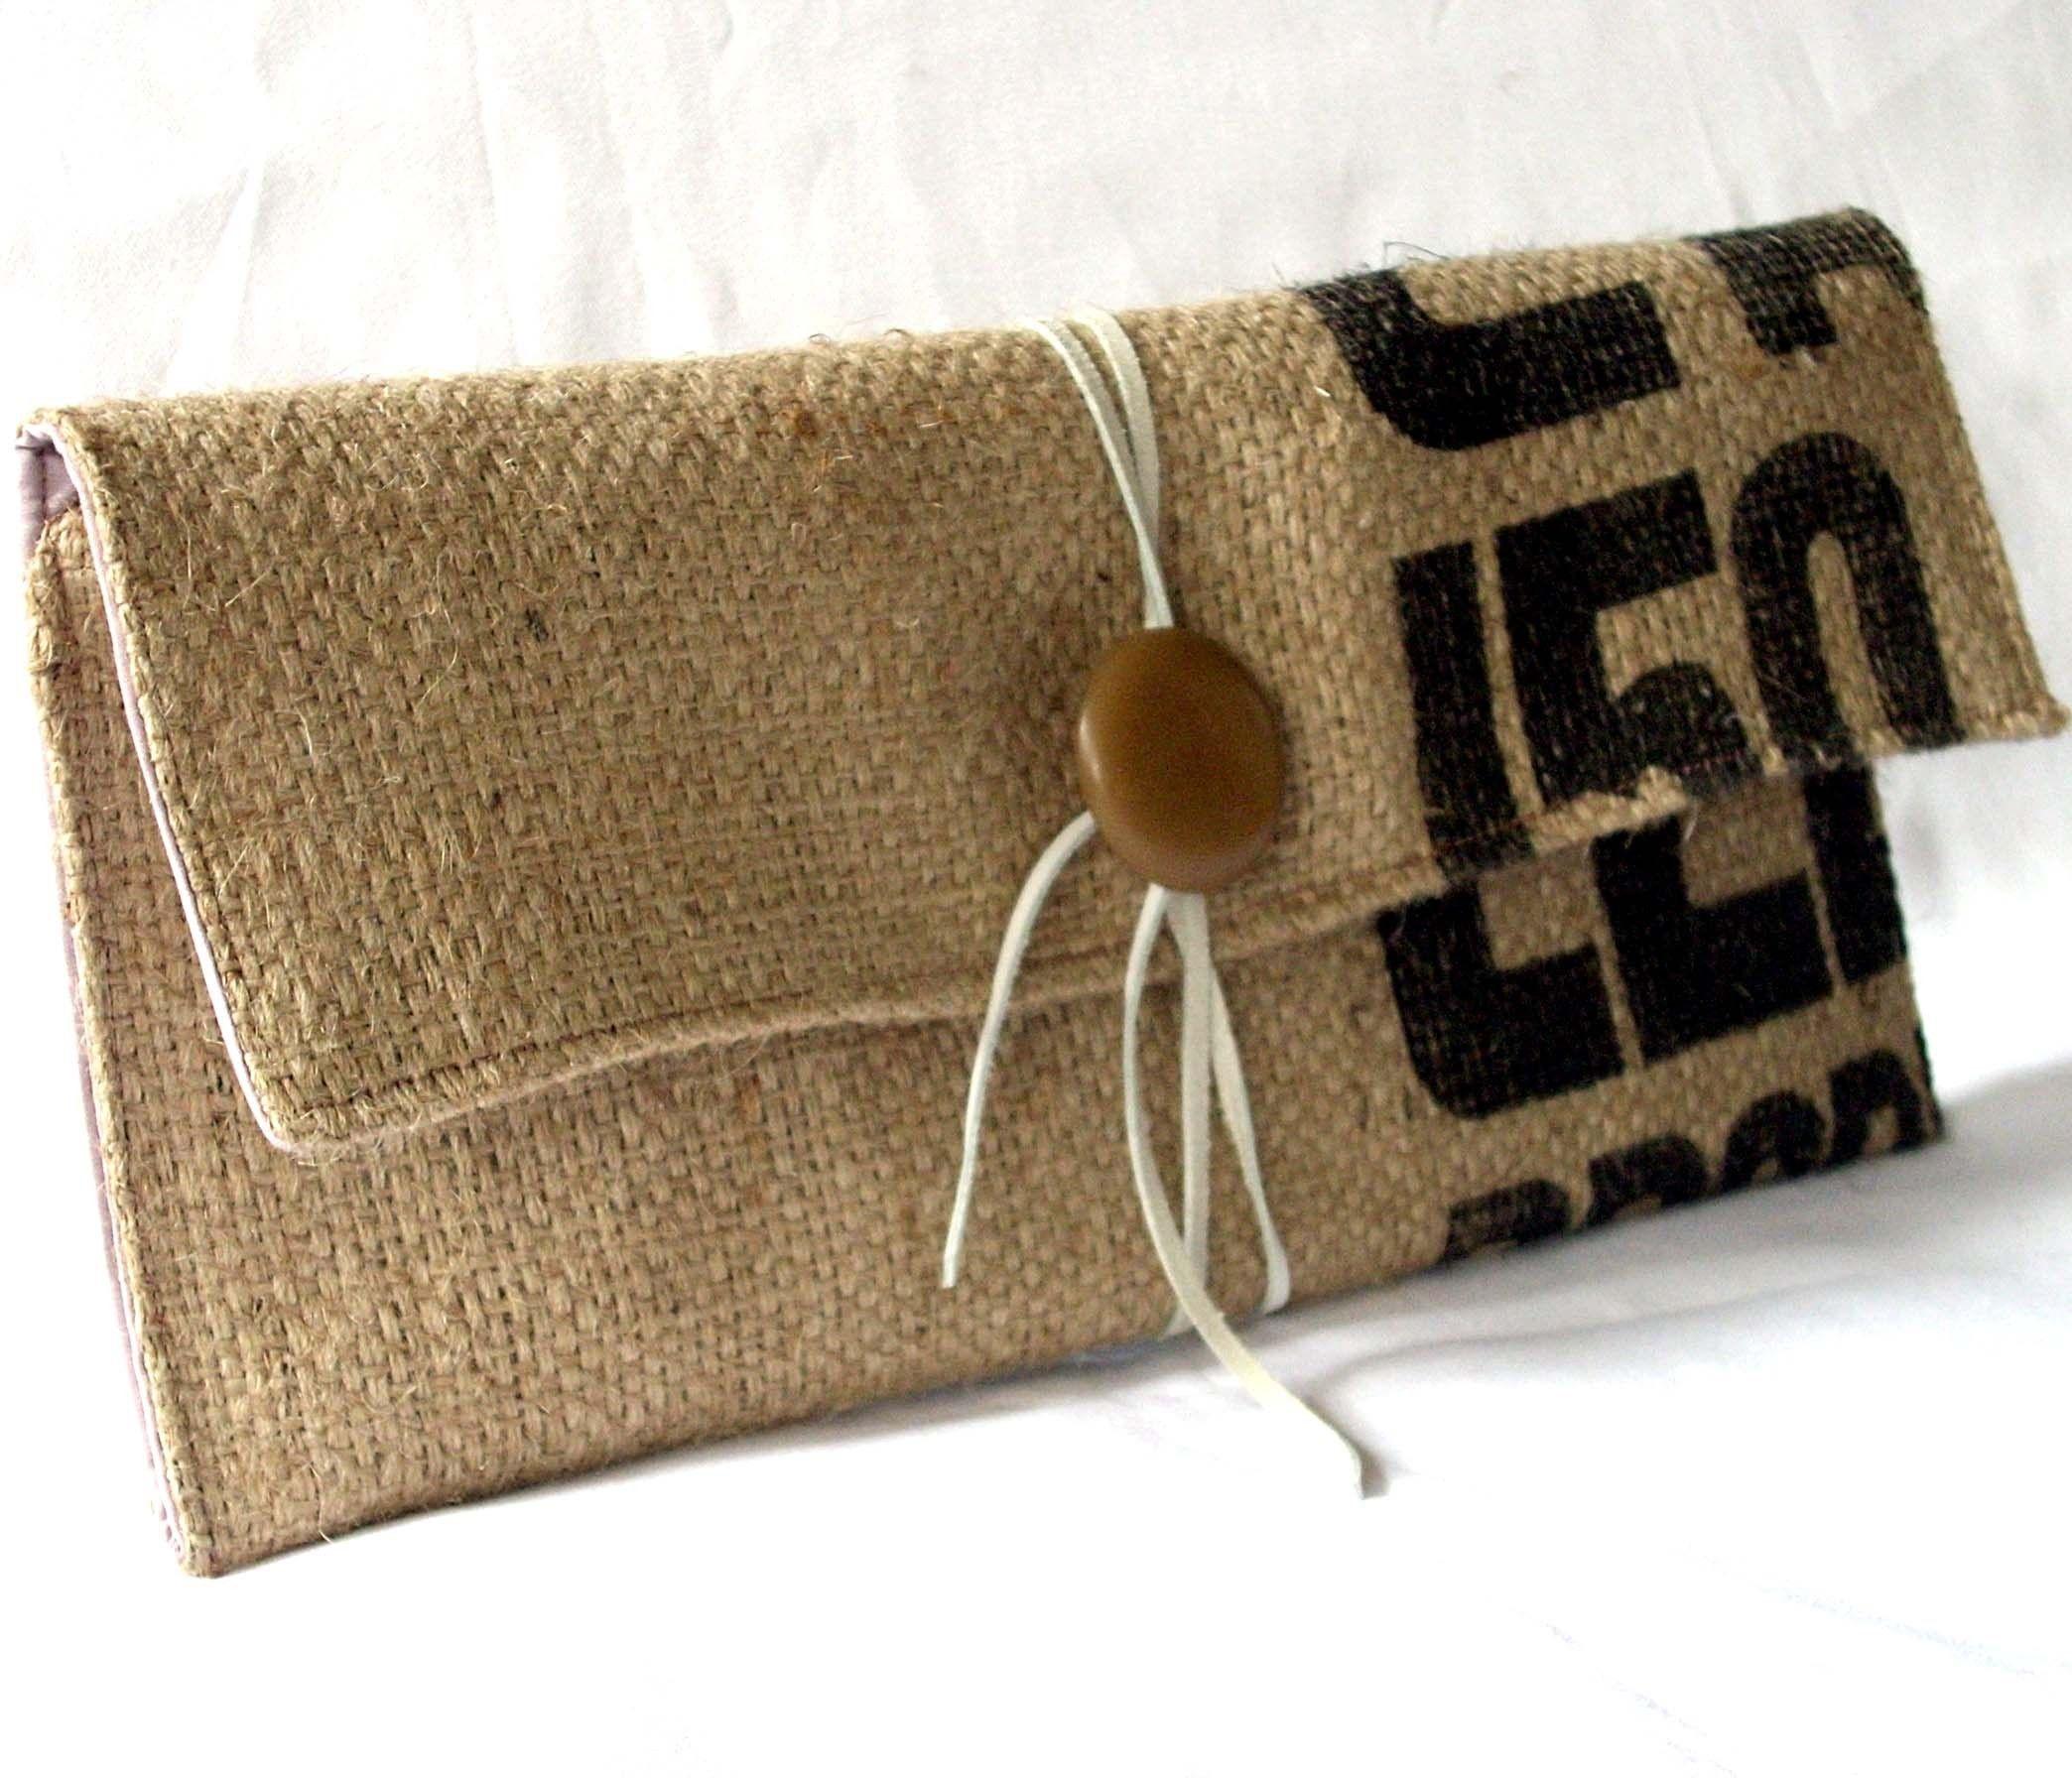 Burlap coffee sack clutch | Nähen und Basteln